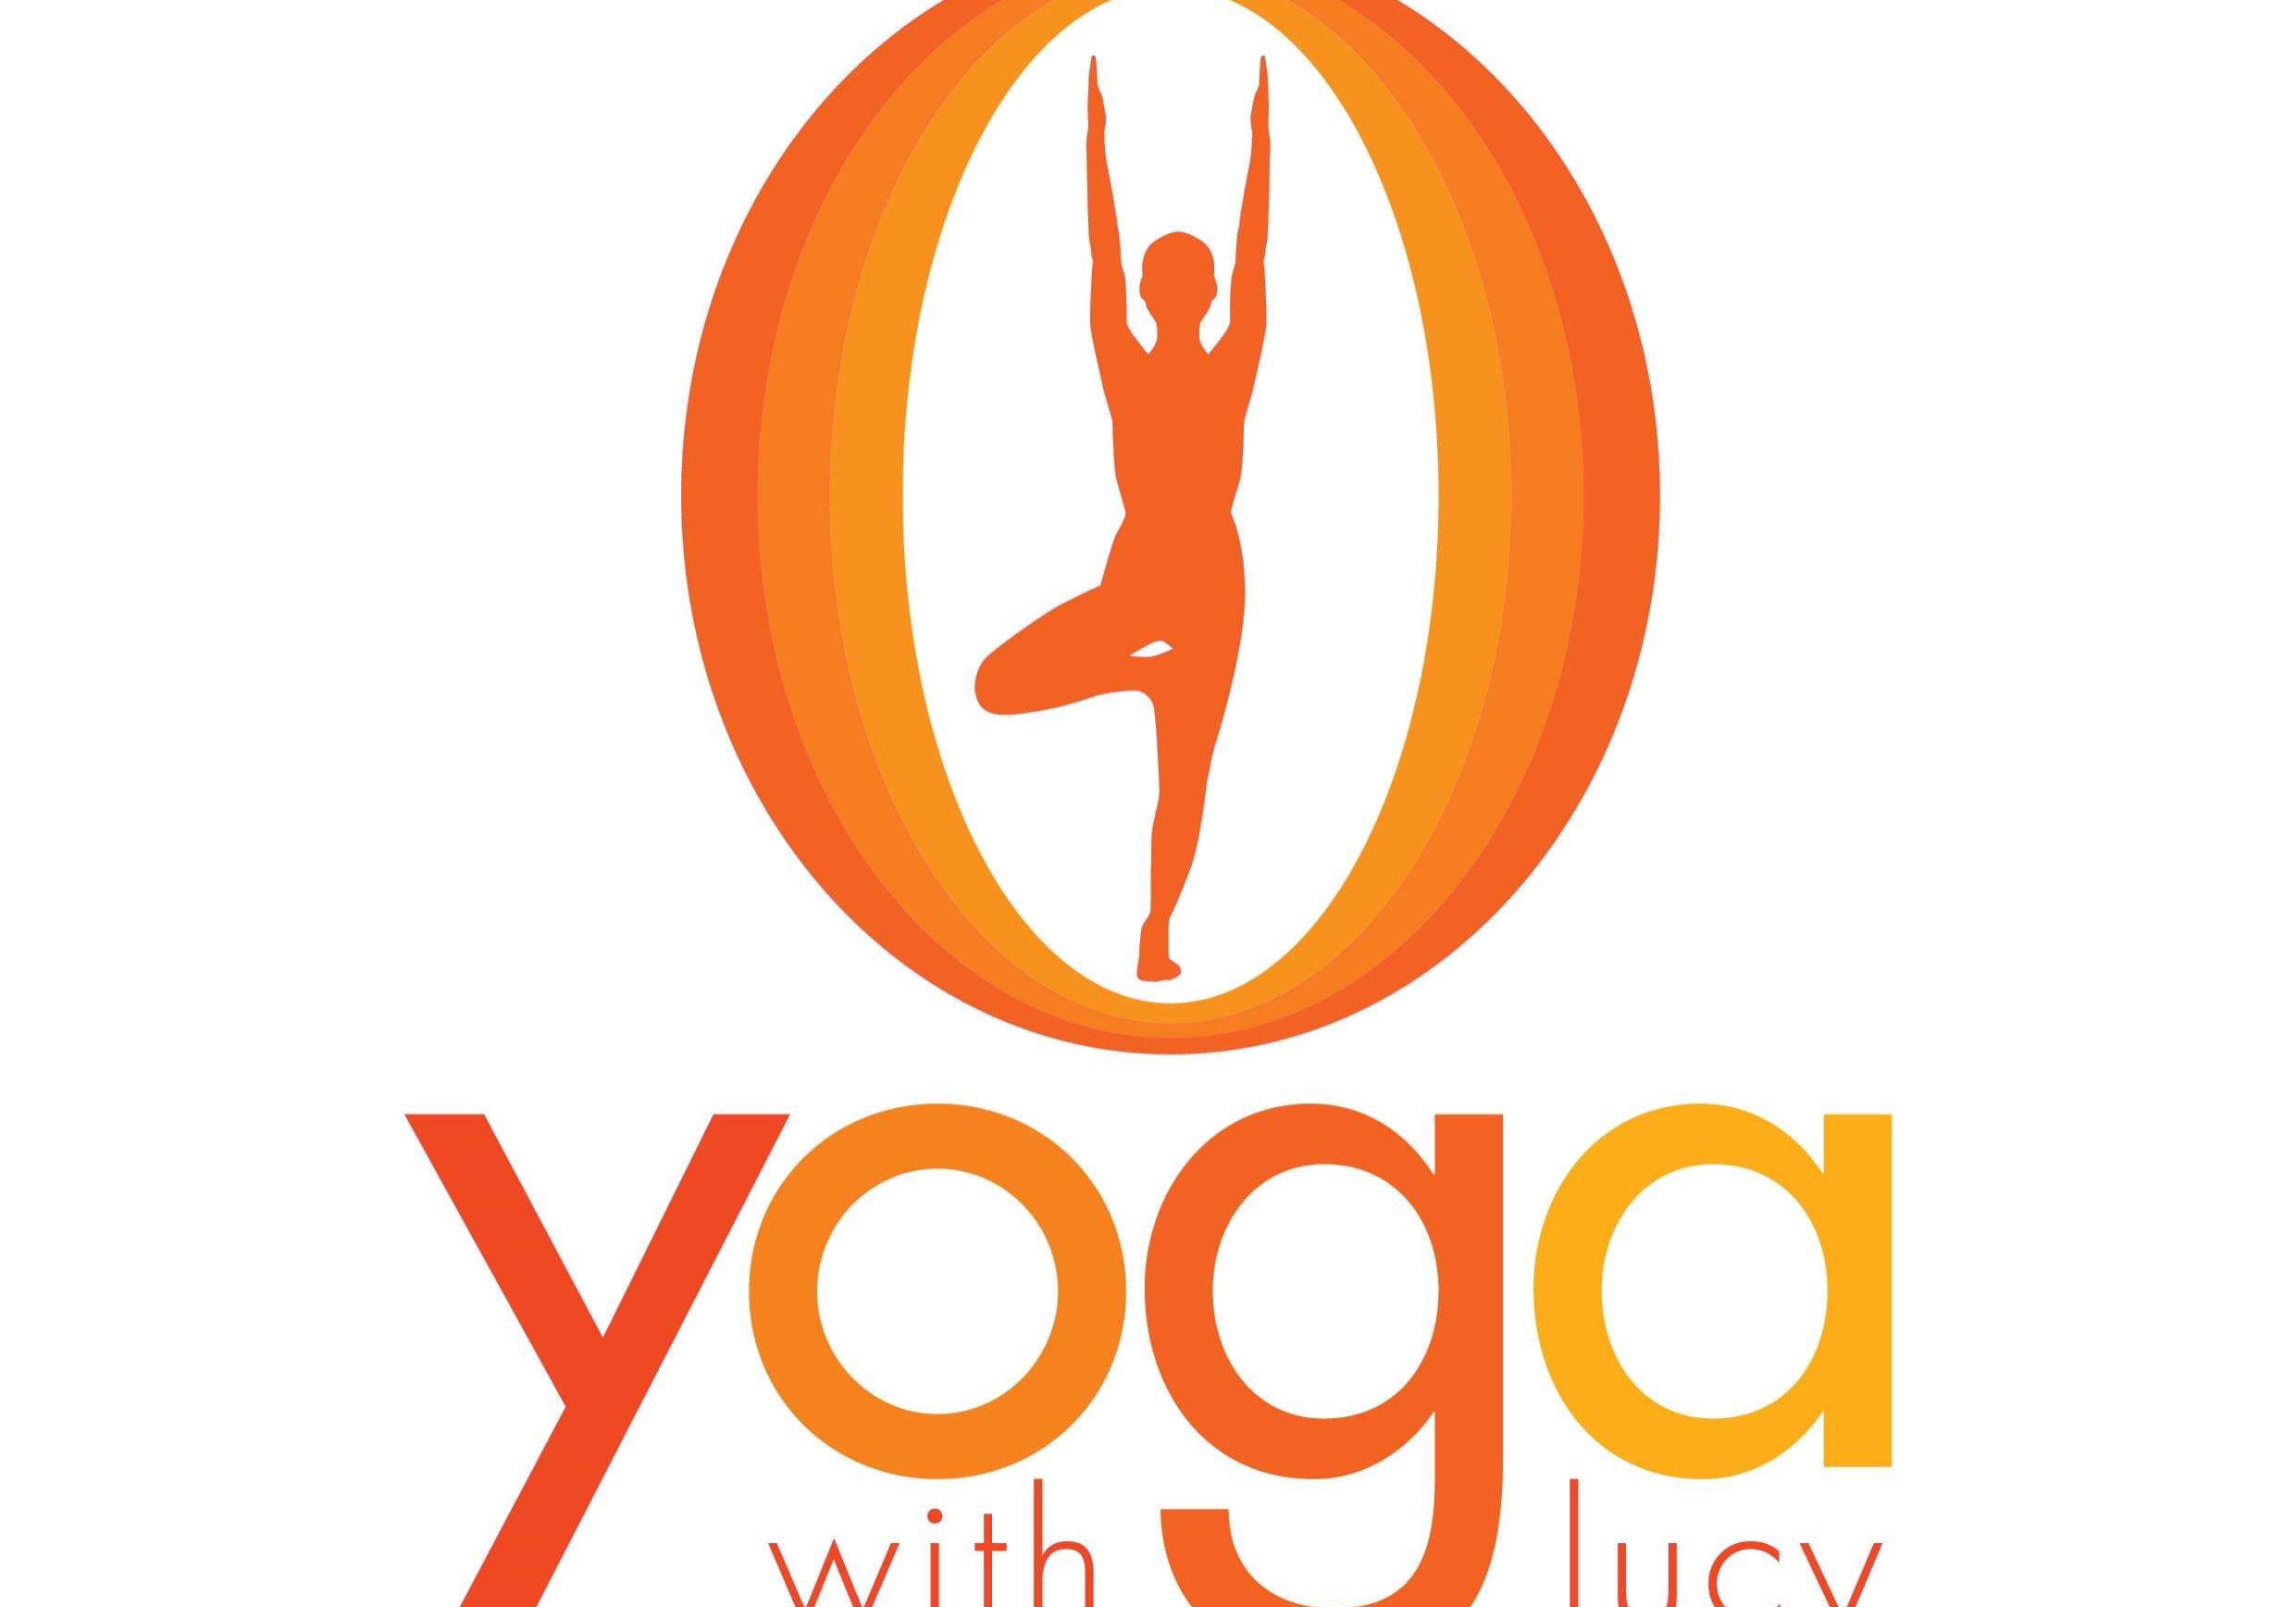 Yogawithlucyrlogo-1.jpg